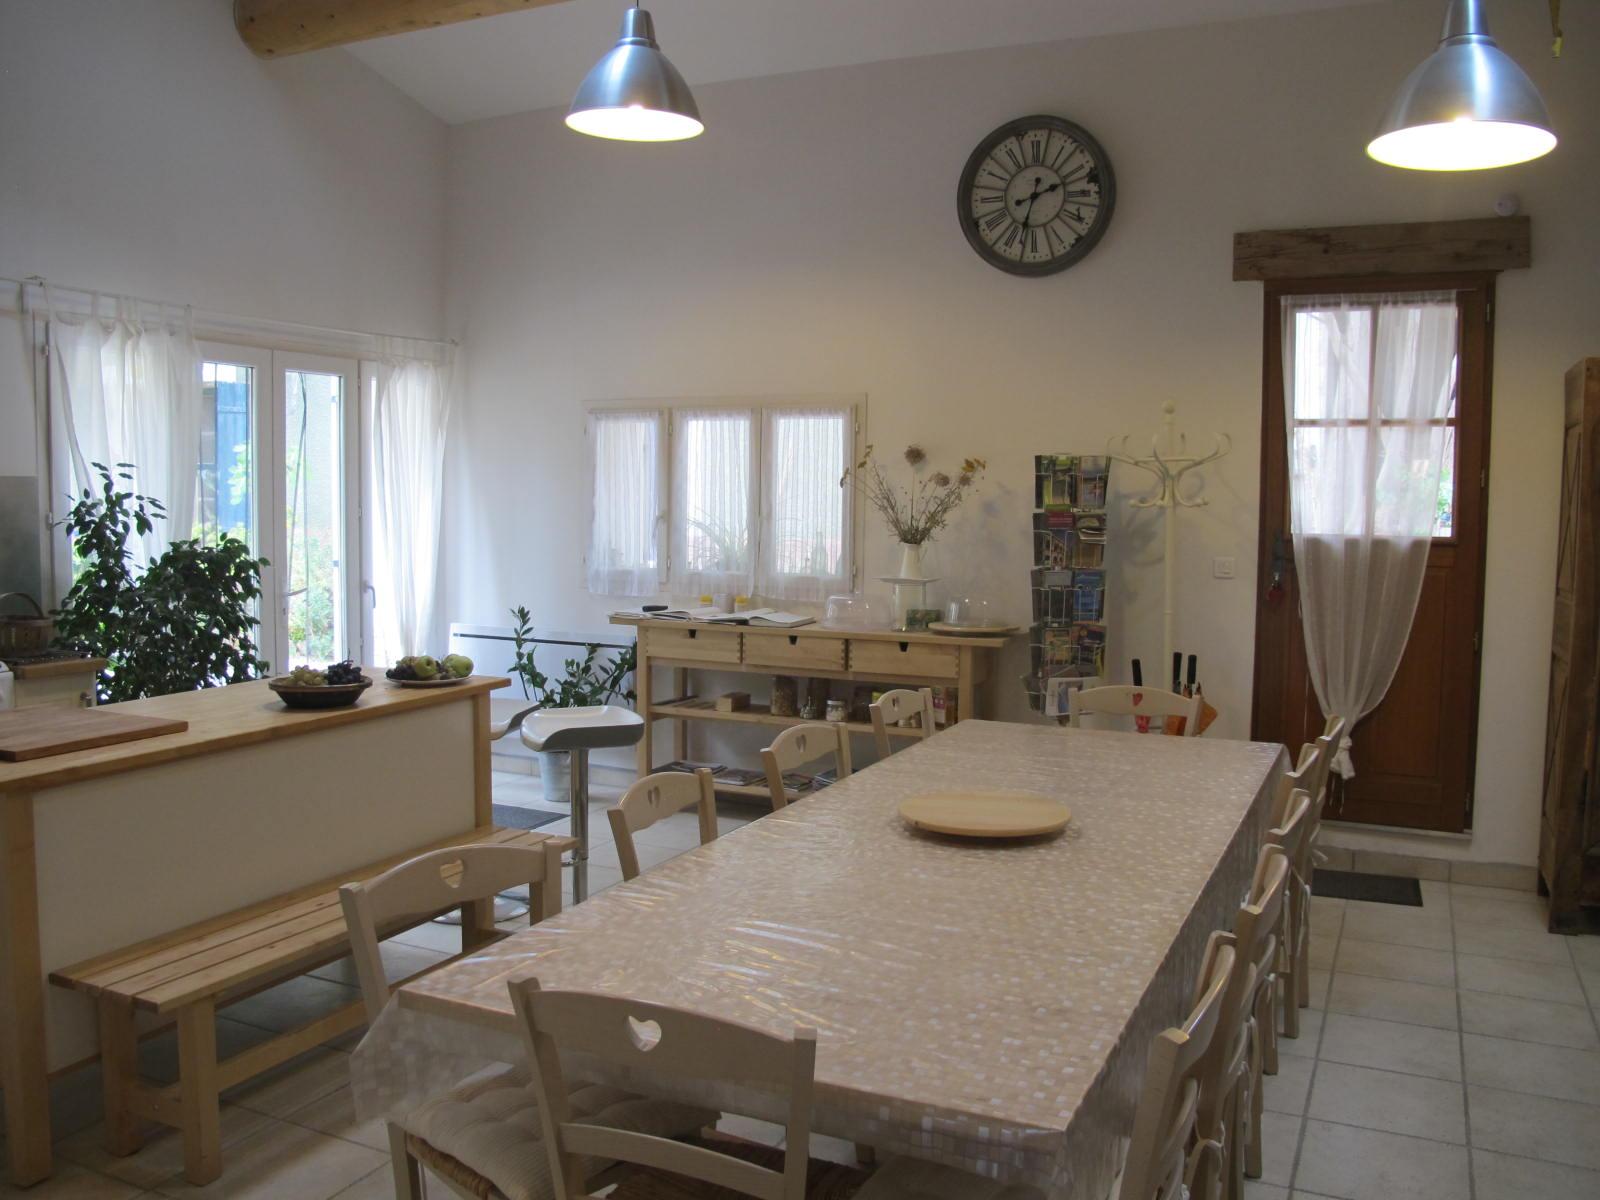 loucardaline-bedoin-ventoux-chambre d hotes-vaucluse-gites -vacances